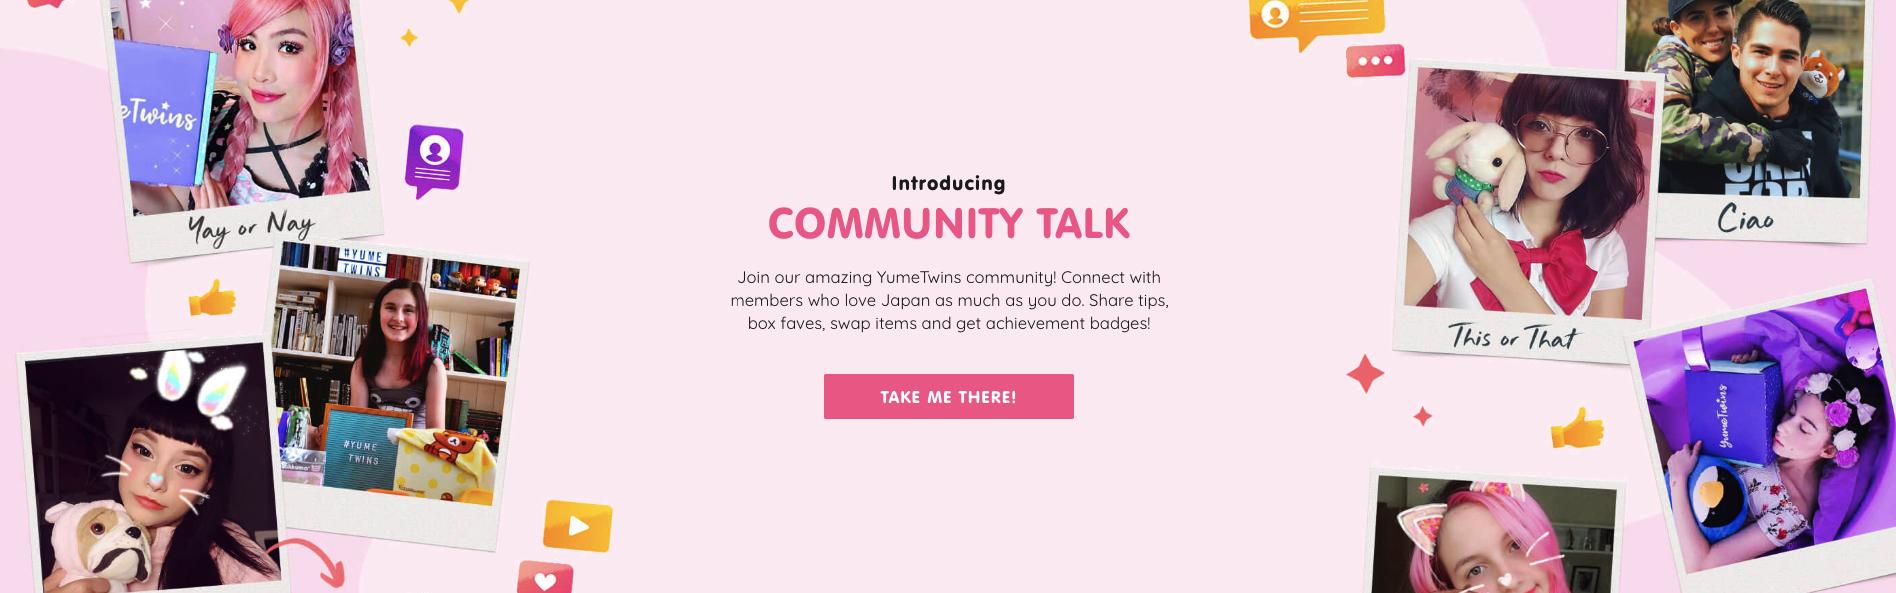 yumetwins community talk